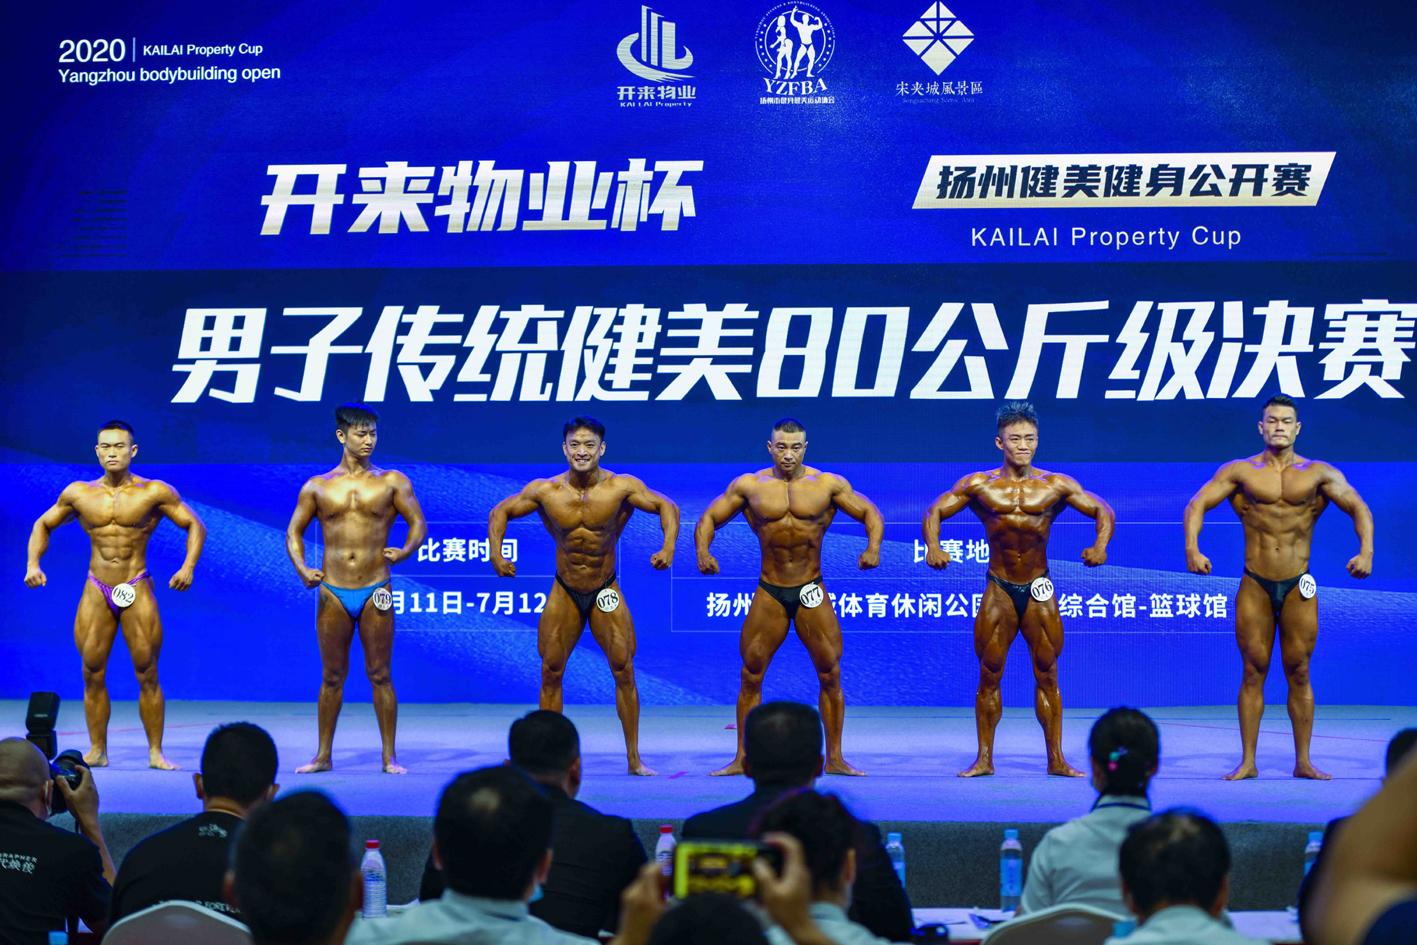 """扬州健美健身公开赛举办 十多位全国冠军""""秀肌肉"""""""